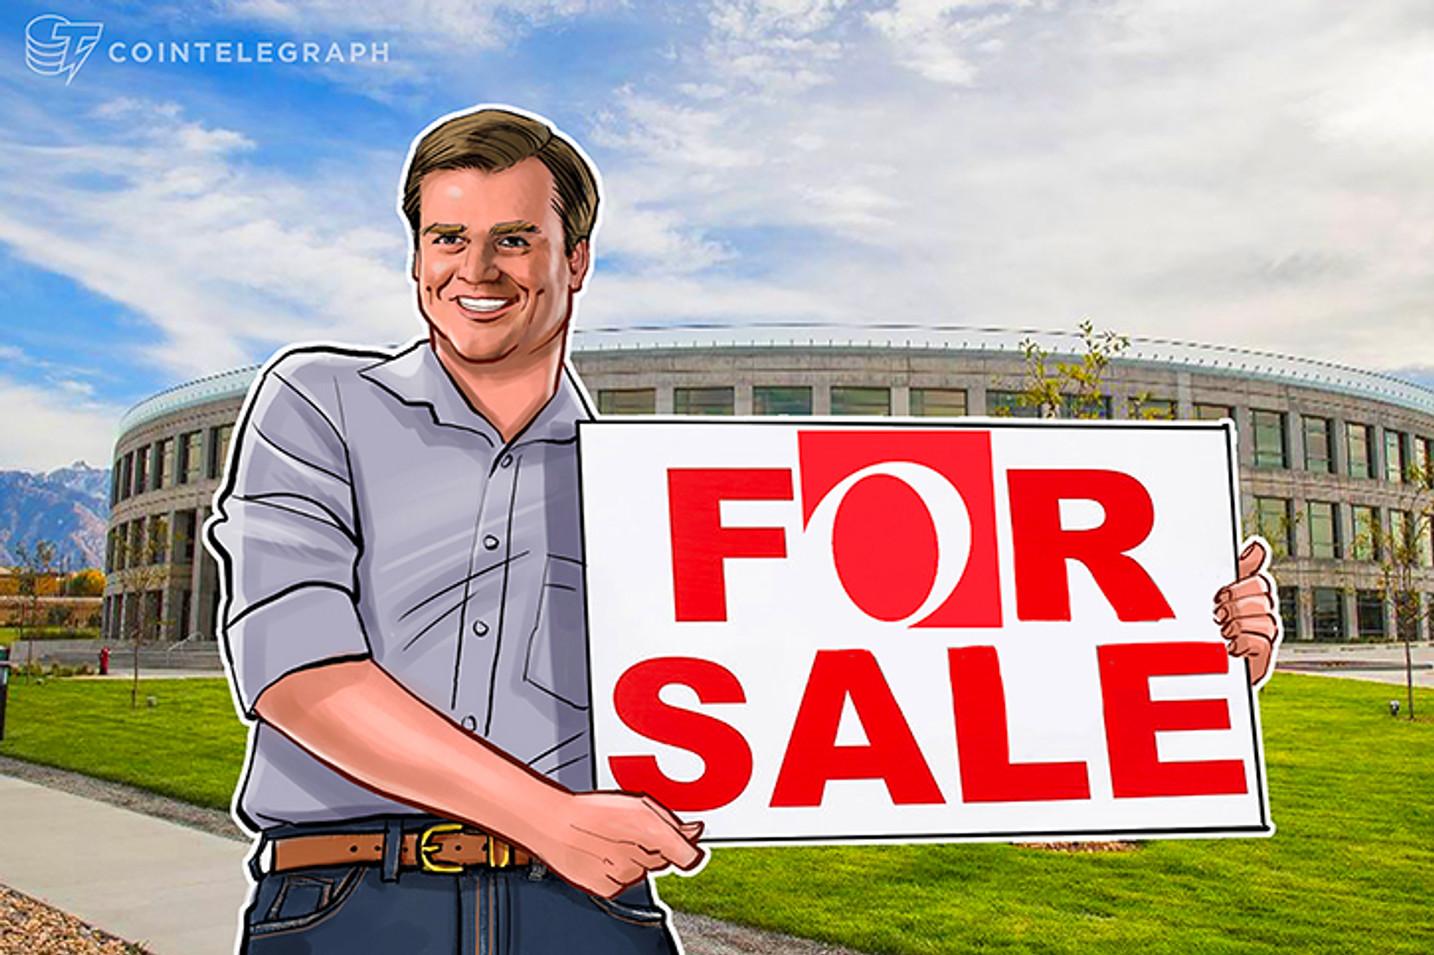 """الرئيس التنفيذي لشركة """"أوفرستوك"""" يفكر في بيع شركته لتمويل مشروع ببلوكتشين"""